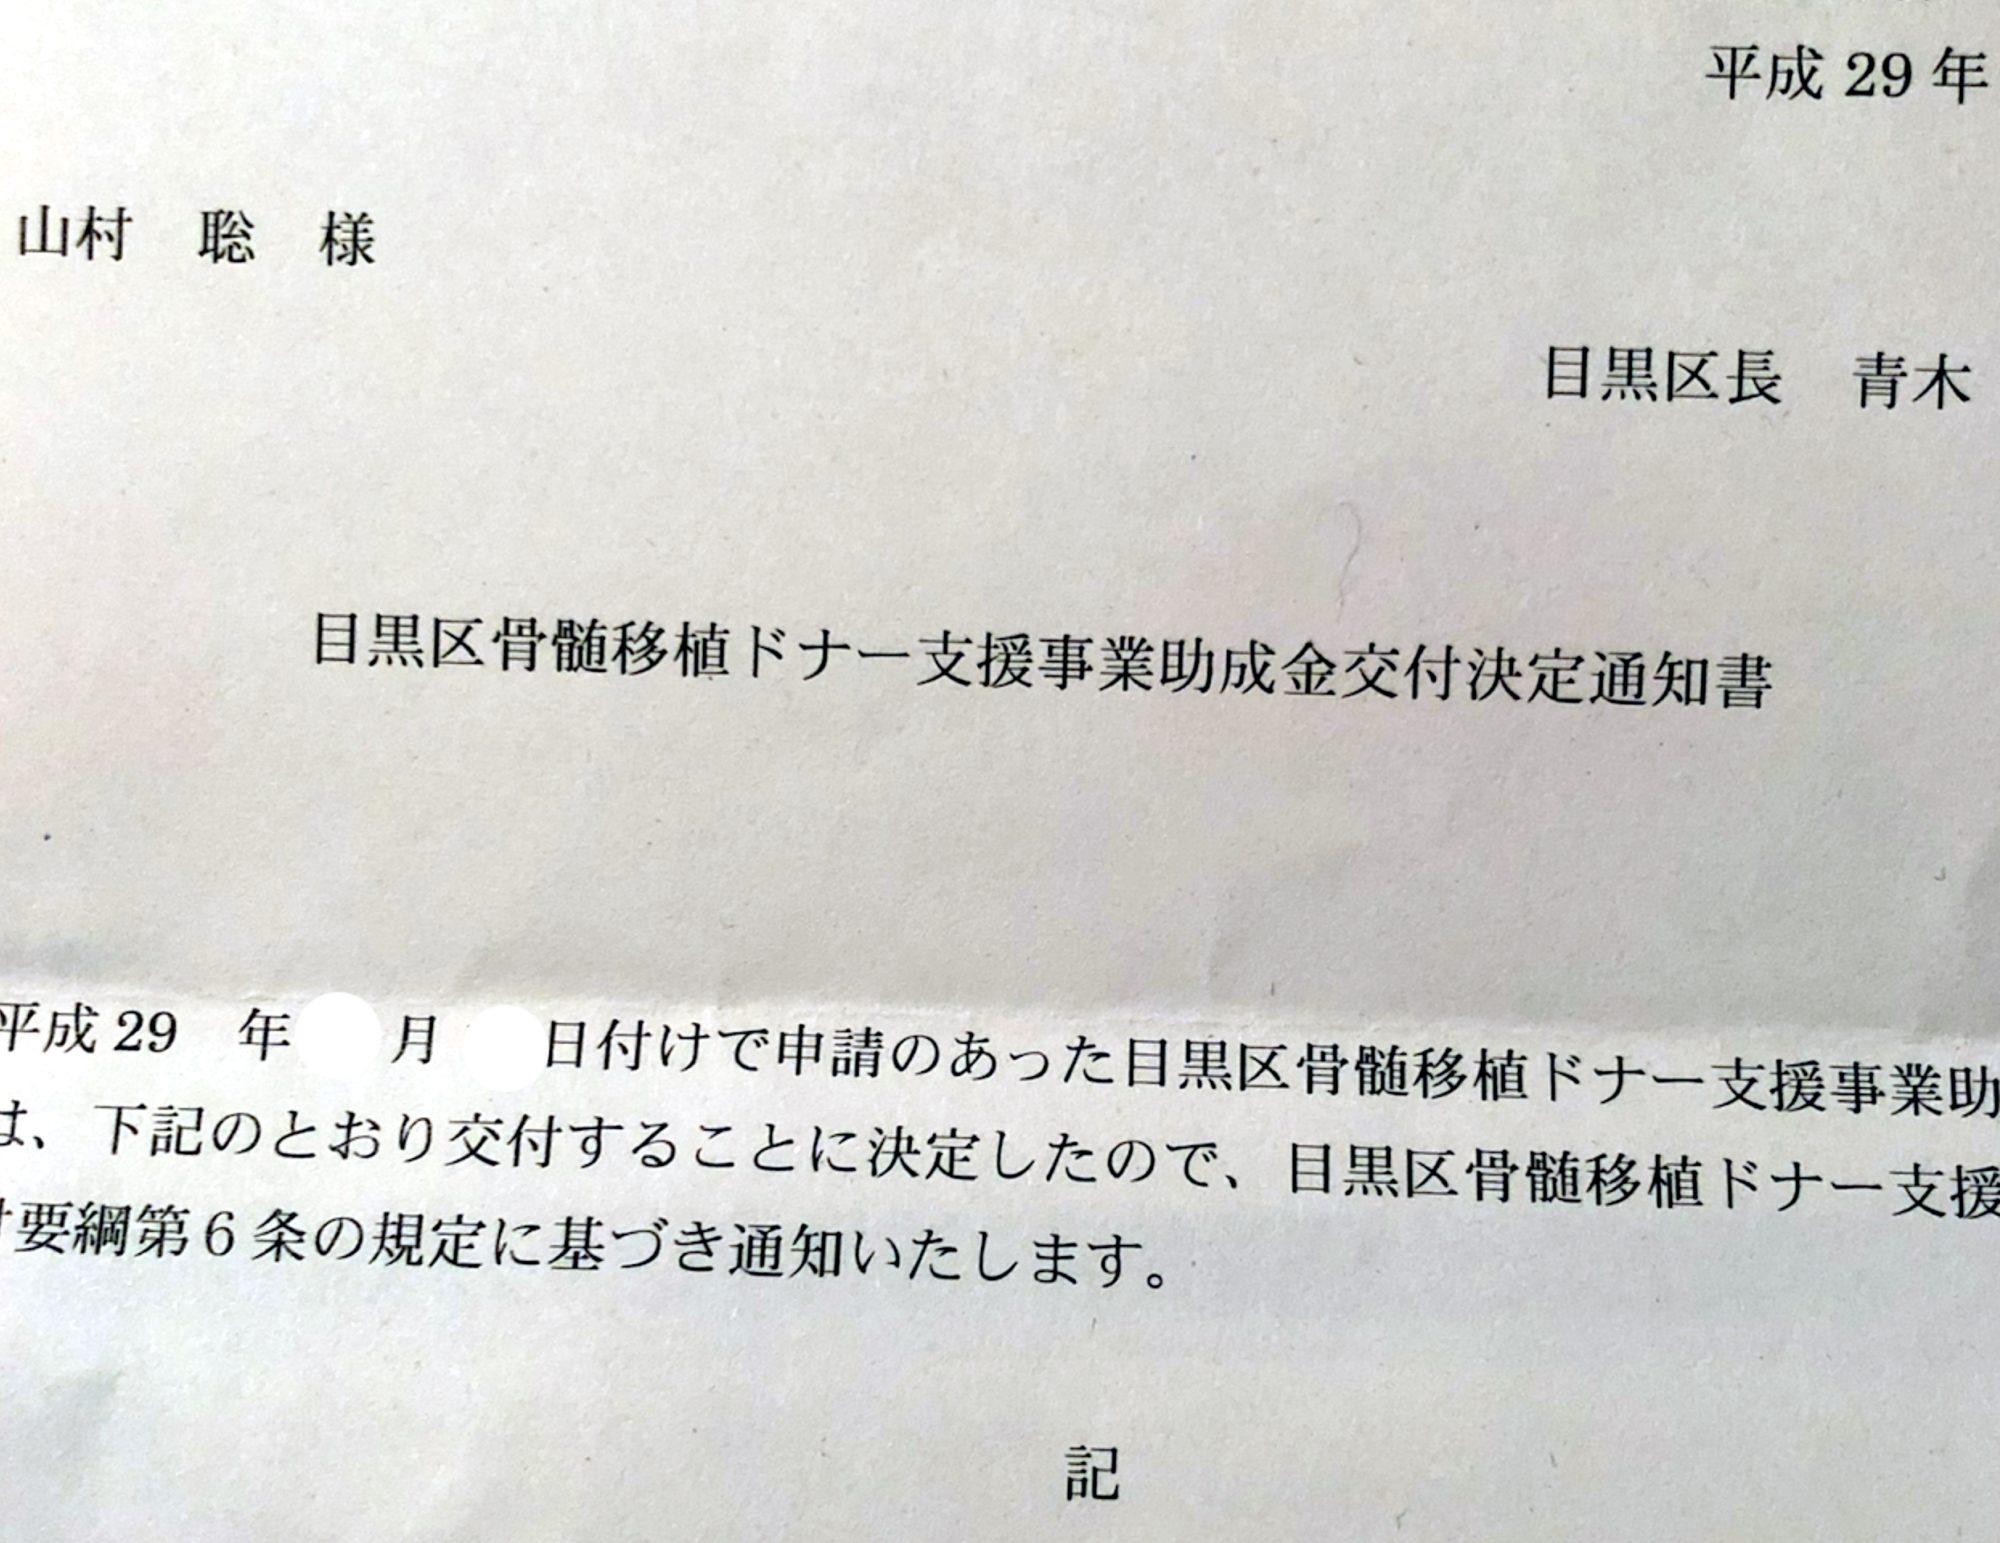 骨髄提供で助成金が給付される自治体は?東京では14の区で助成制度があります.